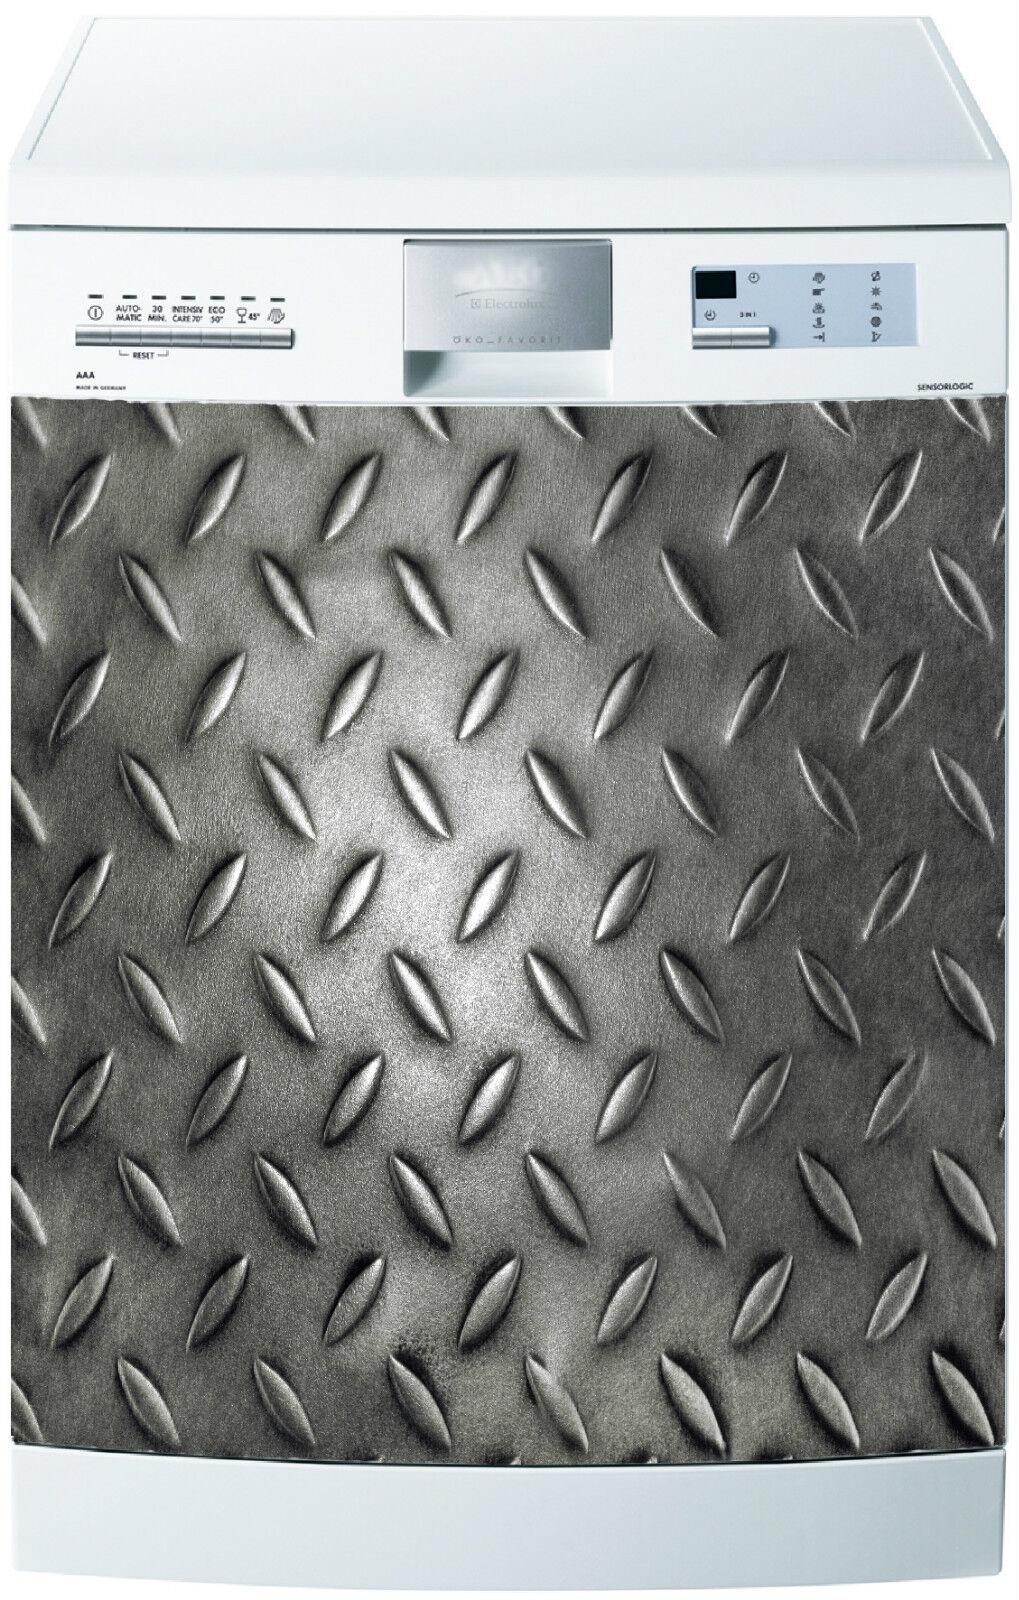 Adesivo Lavastoviglie Decocrazione Cucina Elettrodomestici Metall 721 60x60cm